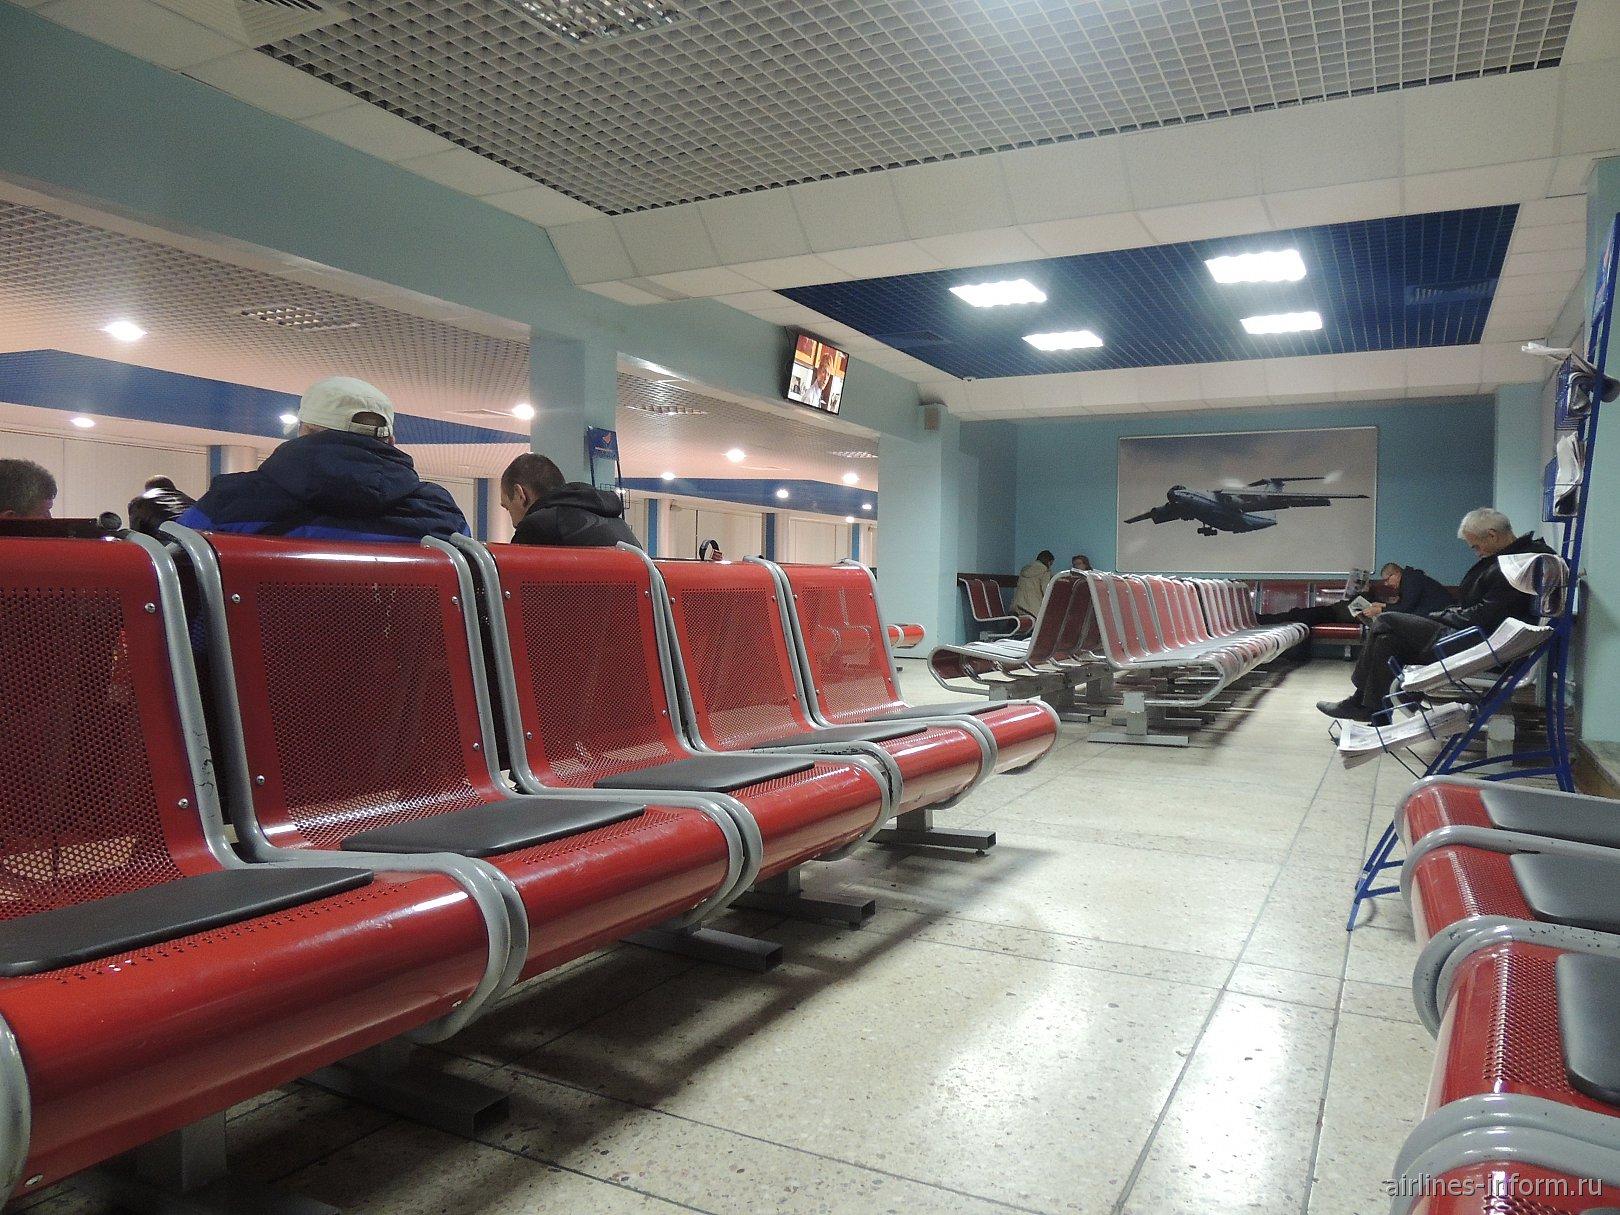 Зона отдыха на втором этаже аэровокзала аэропорта Барнаула